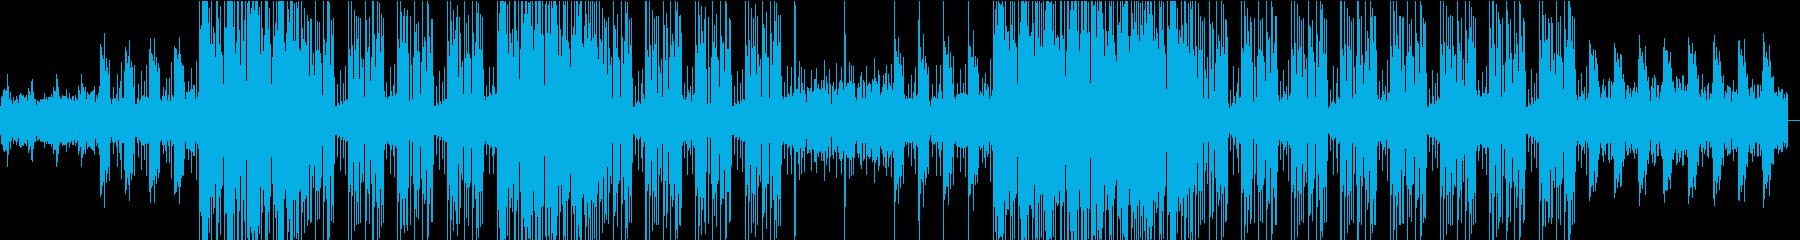 和楽器とDUB STEPの融合の再生済みの波形